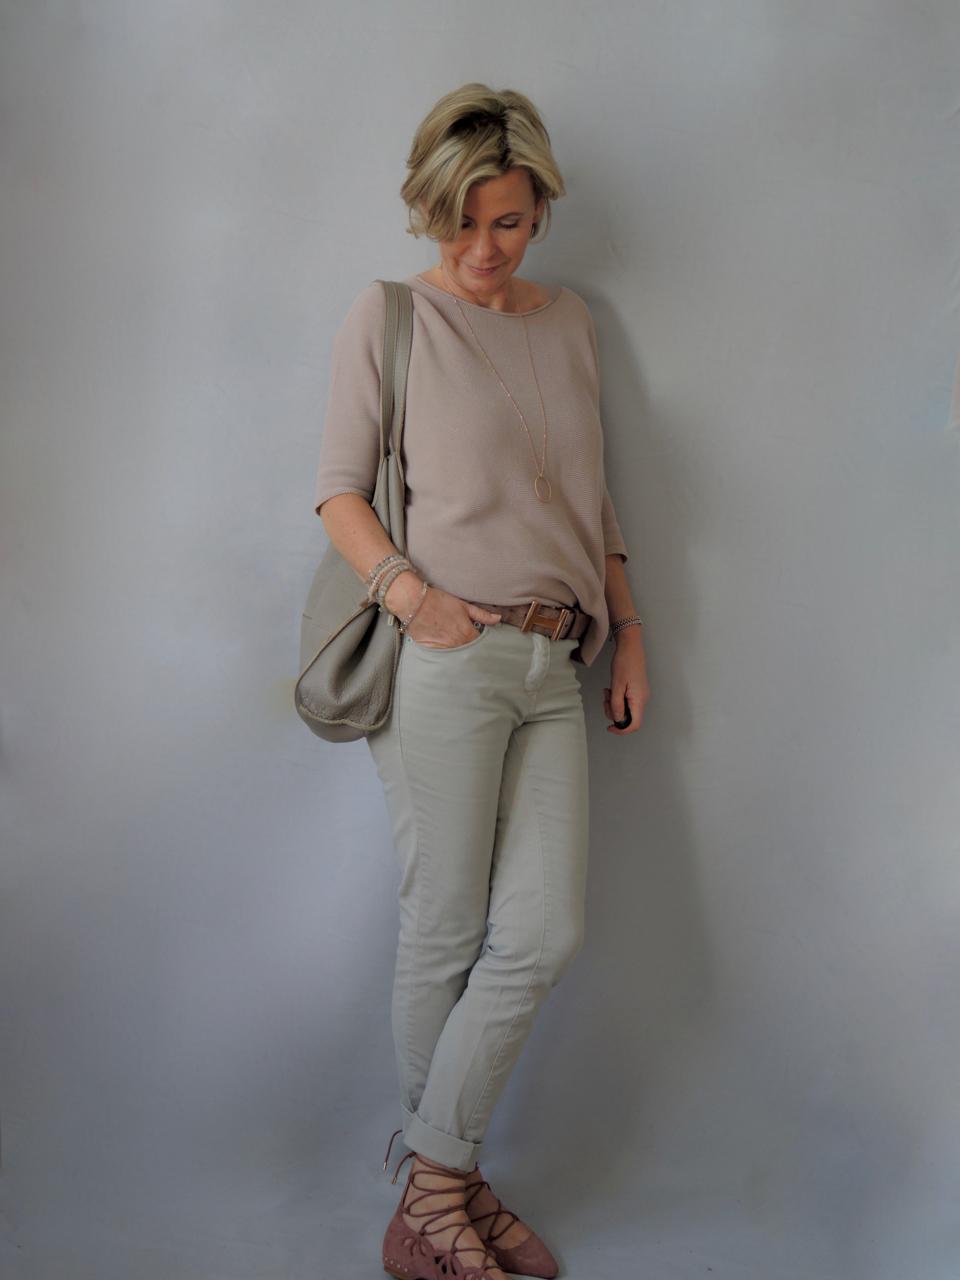 33cd3dadf10ada Kleidung fur die frau ab 50 – Stilvolle Abendkleider in Deutschland ...